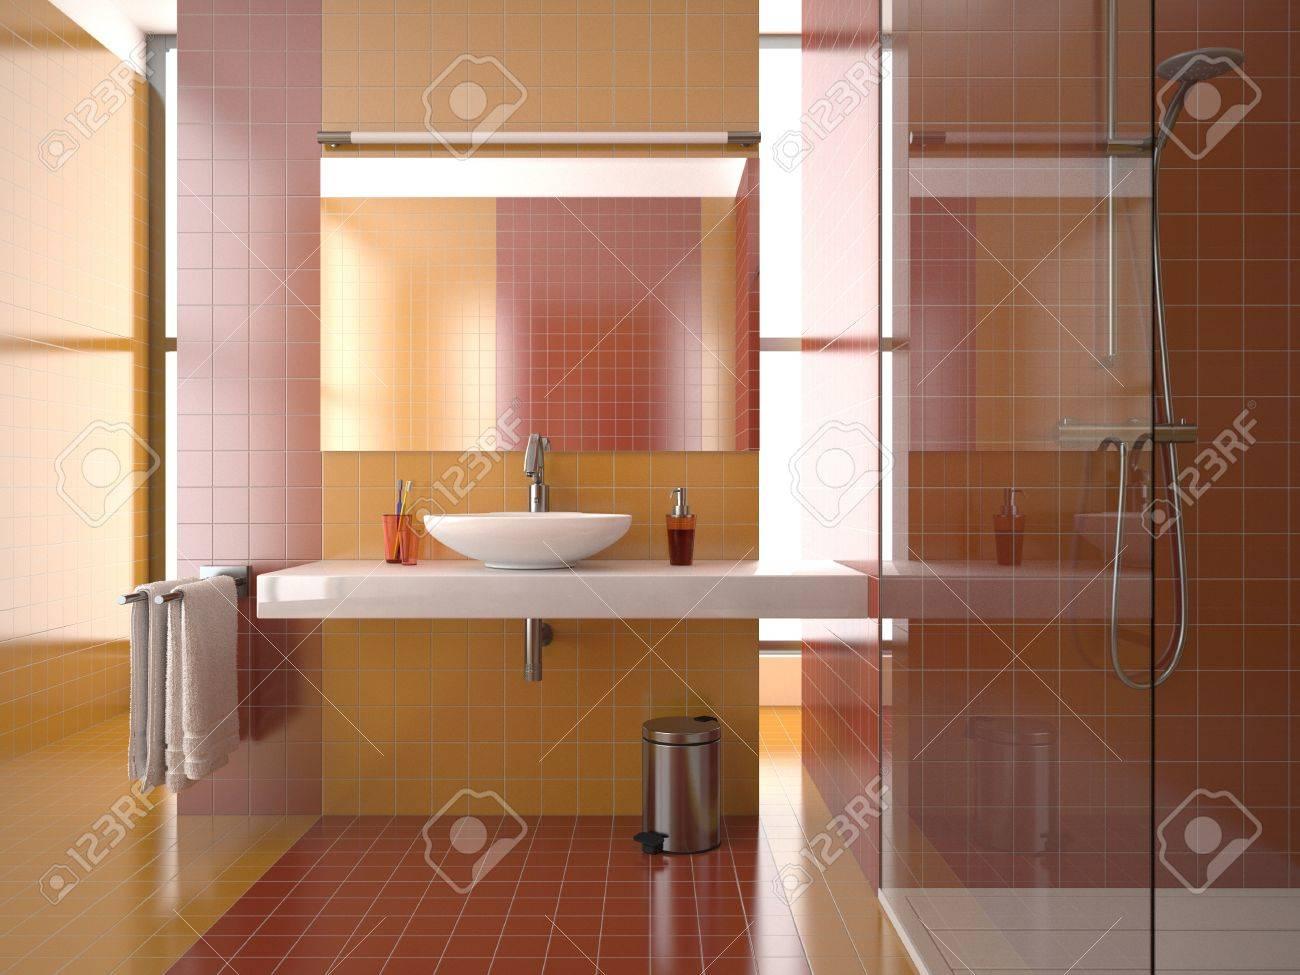 Baño moderno con tejas rojas y naranjas fotos, retratos, imágenes ...